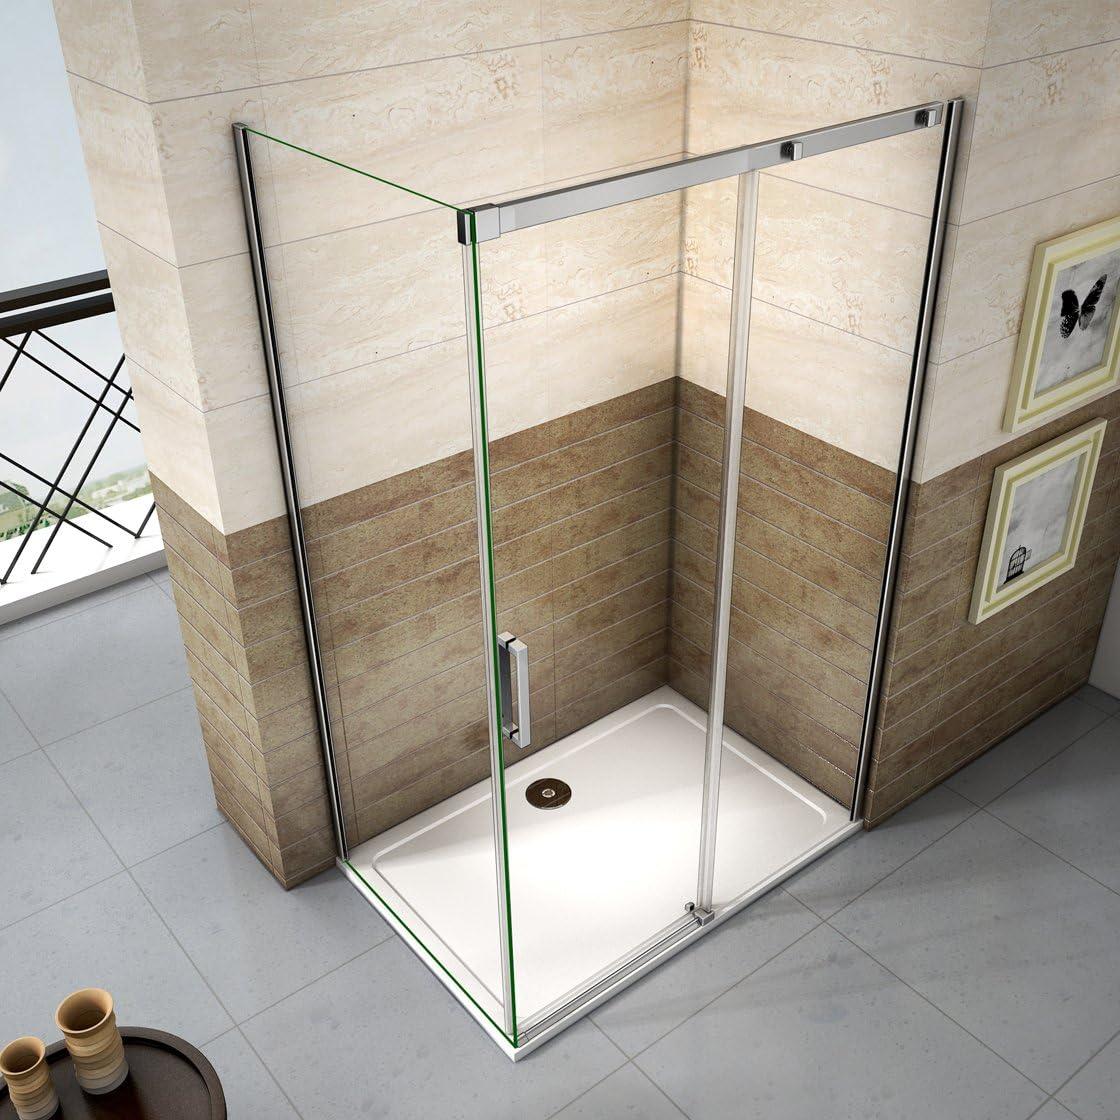 140x70x195cm Mamparas de ducha cabina de ducha 8mm vidrio templado de Aica: Amazon.es: Bricolaje y herramientas